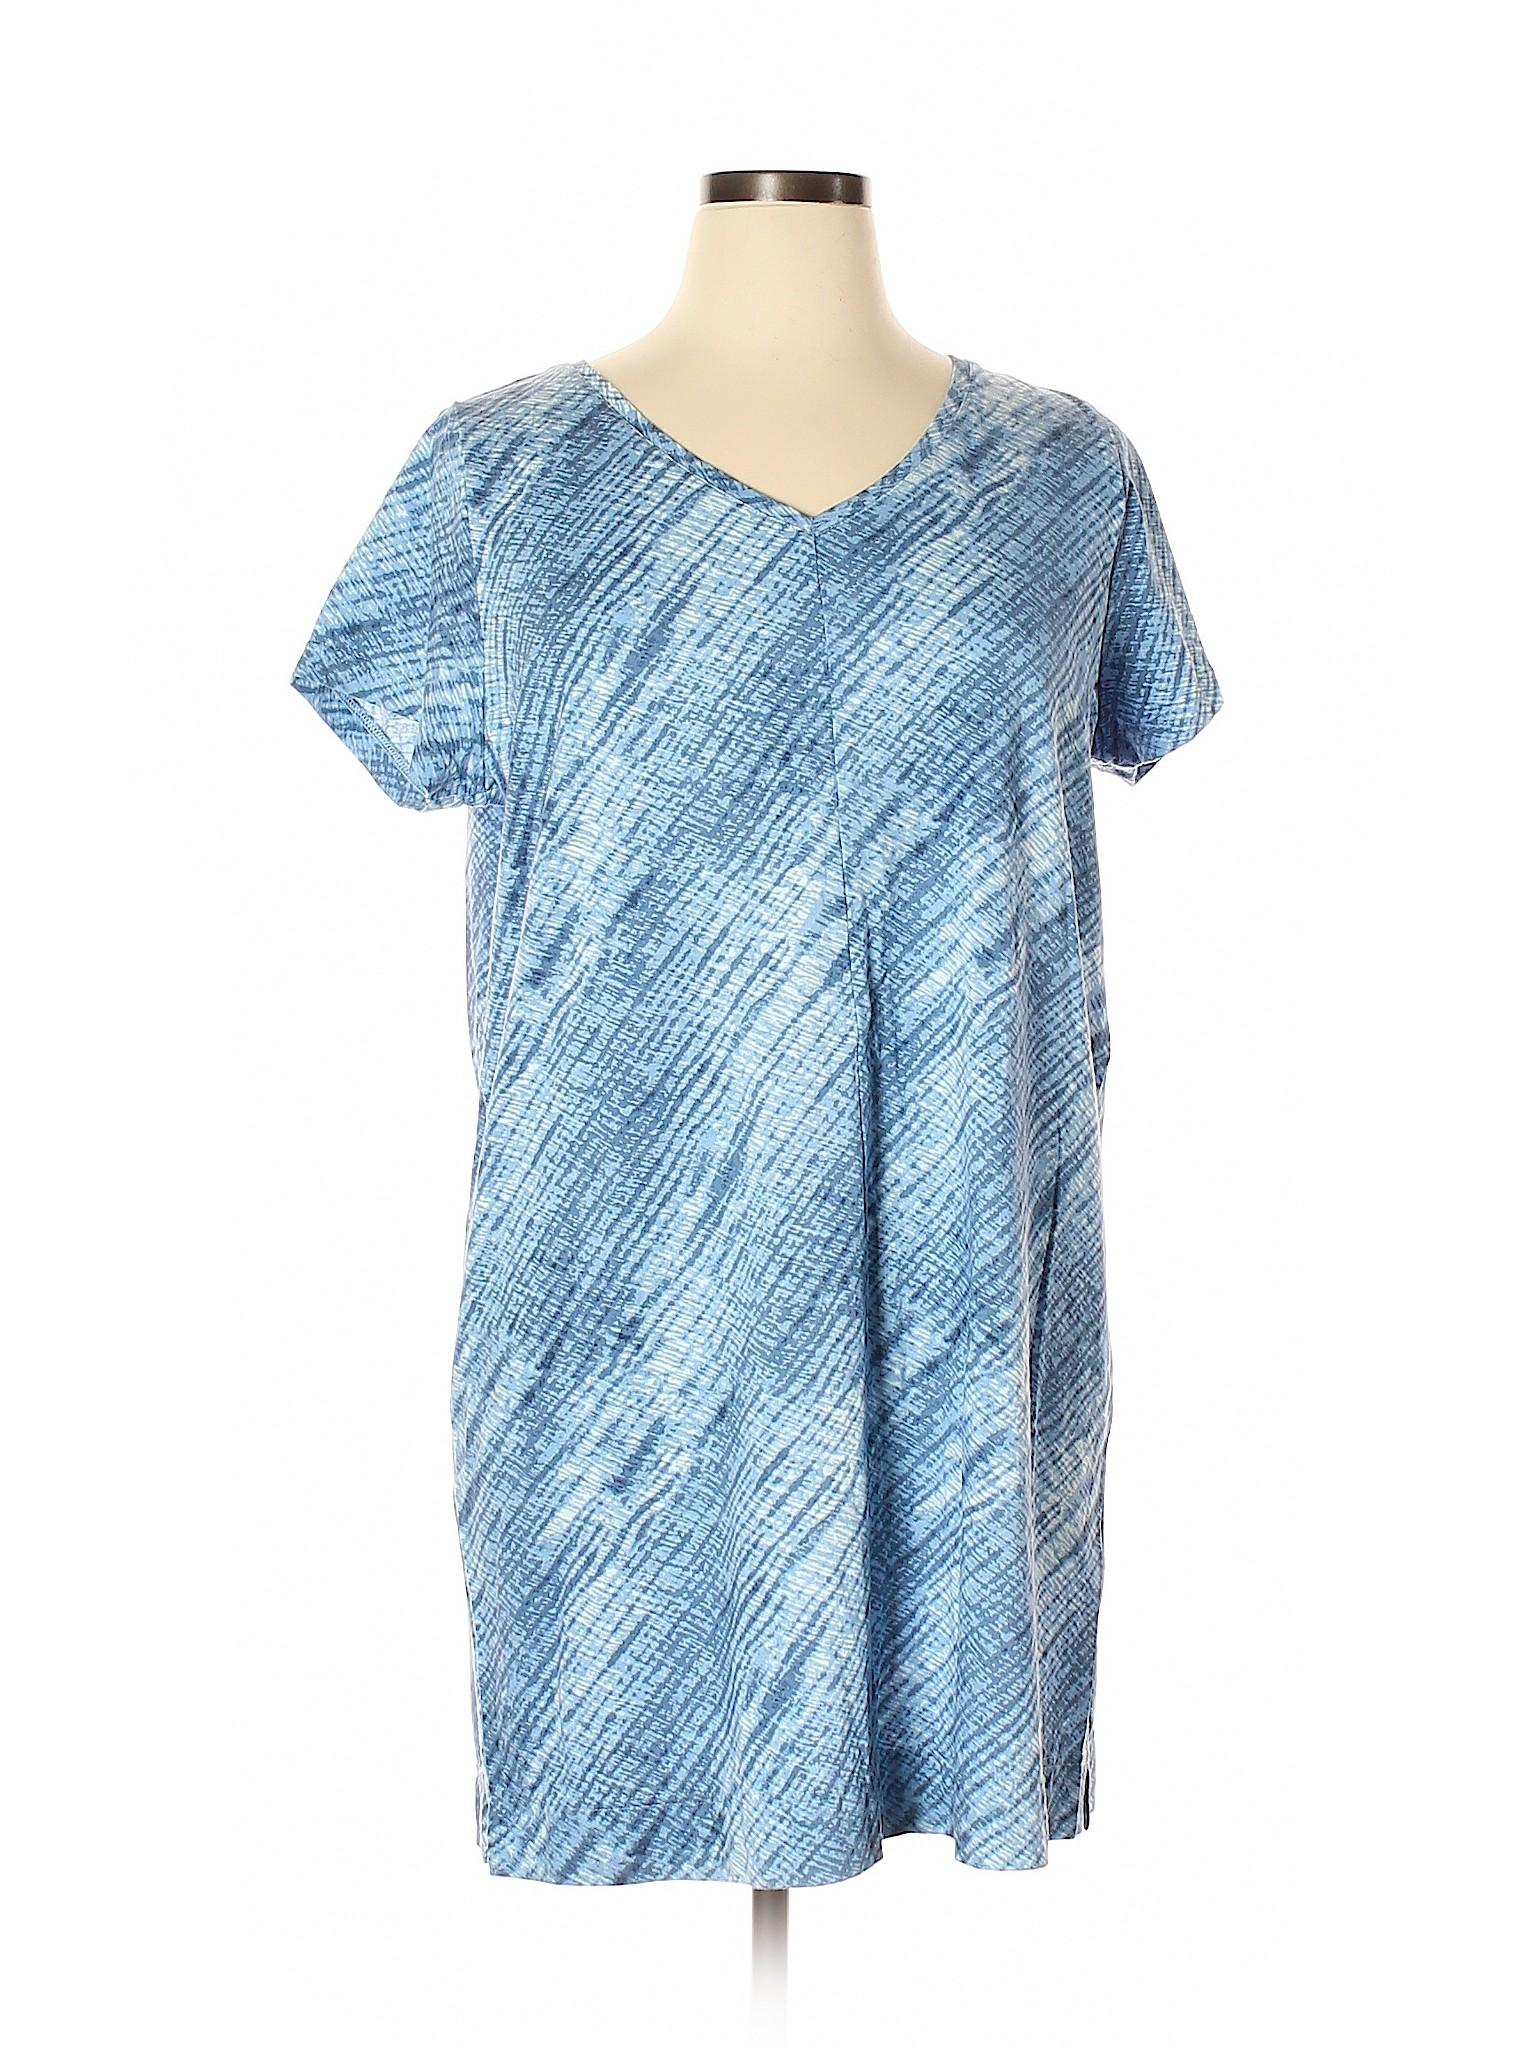 8182a767d48 Details about J.Jill Women Blue Casual Dress Xl Petite